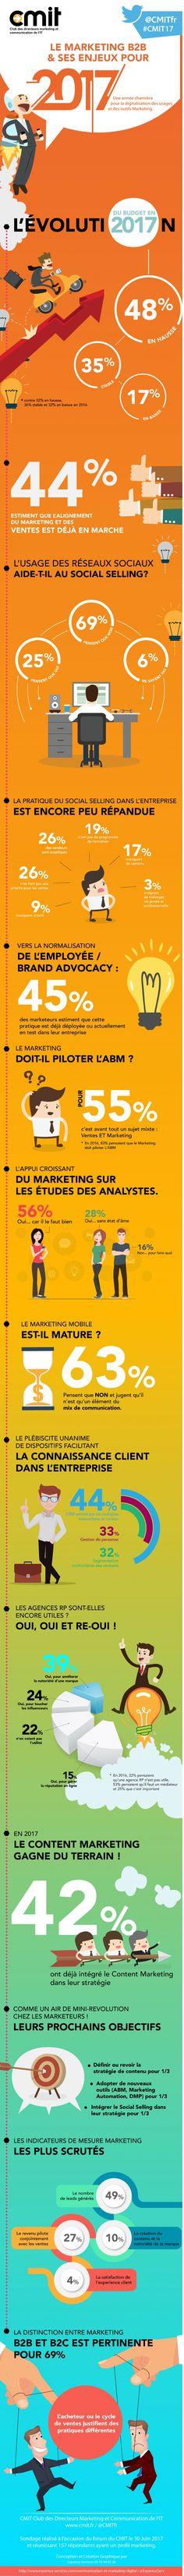 Quels sont les objectifs, les moyens déployés et les grandes transformations du marketing BtoB cette année ? C'est à ces questions que veut répondre le CMIT (Club des Directeurs marketing & communication de l'IT) dans cette infographie.